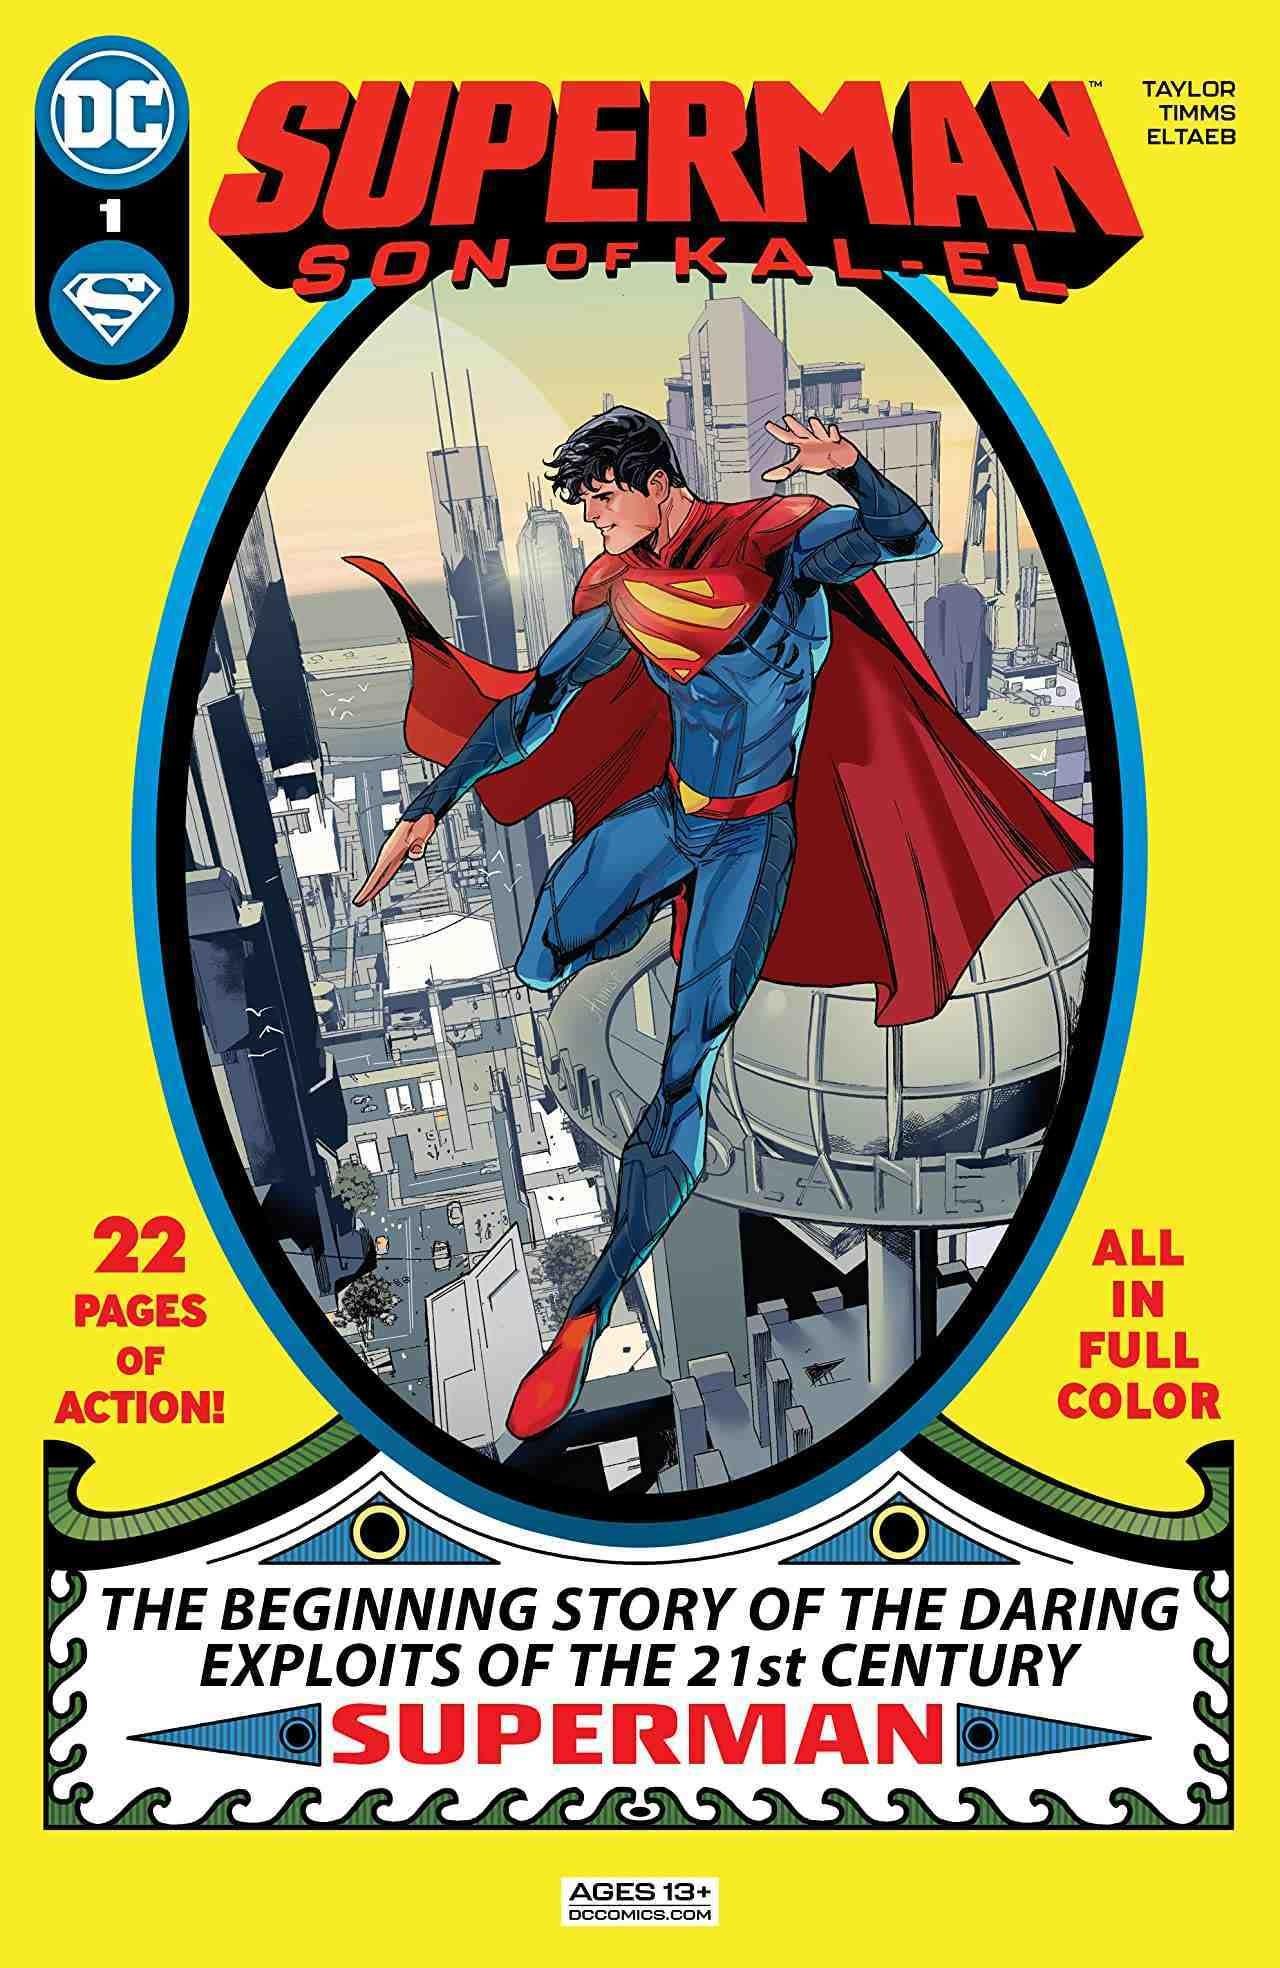 Superman Son of Kal-El #1